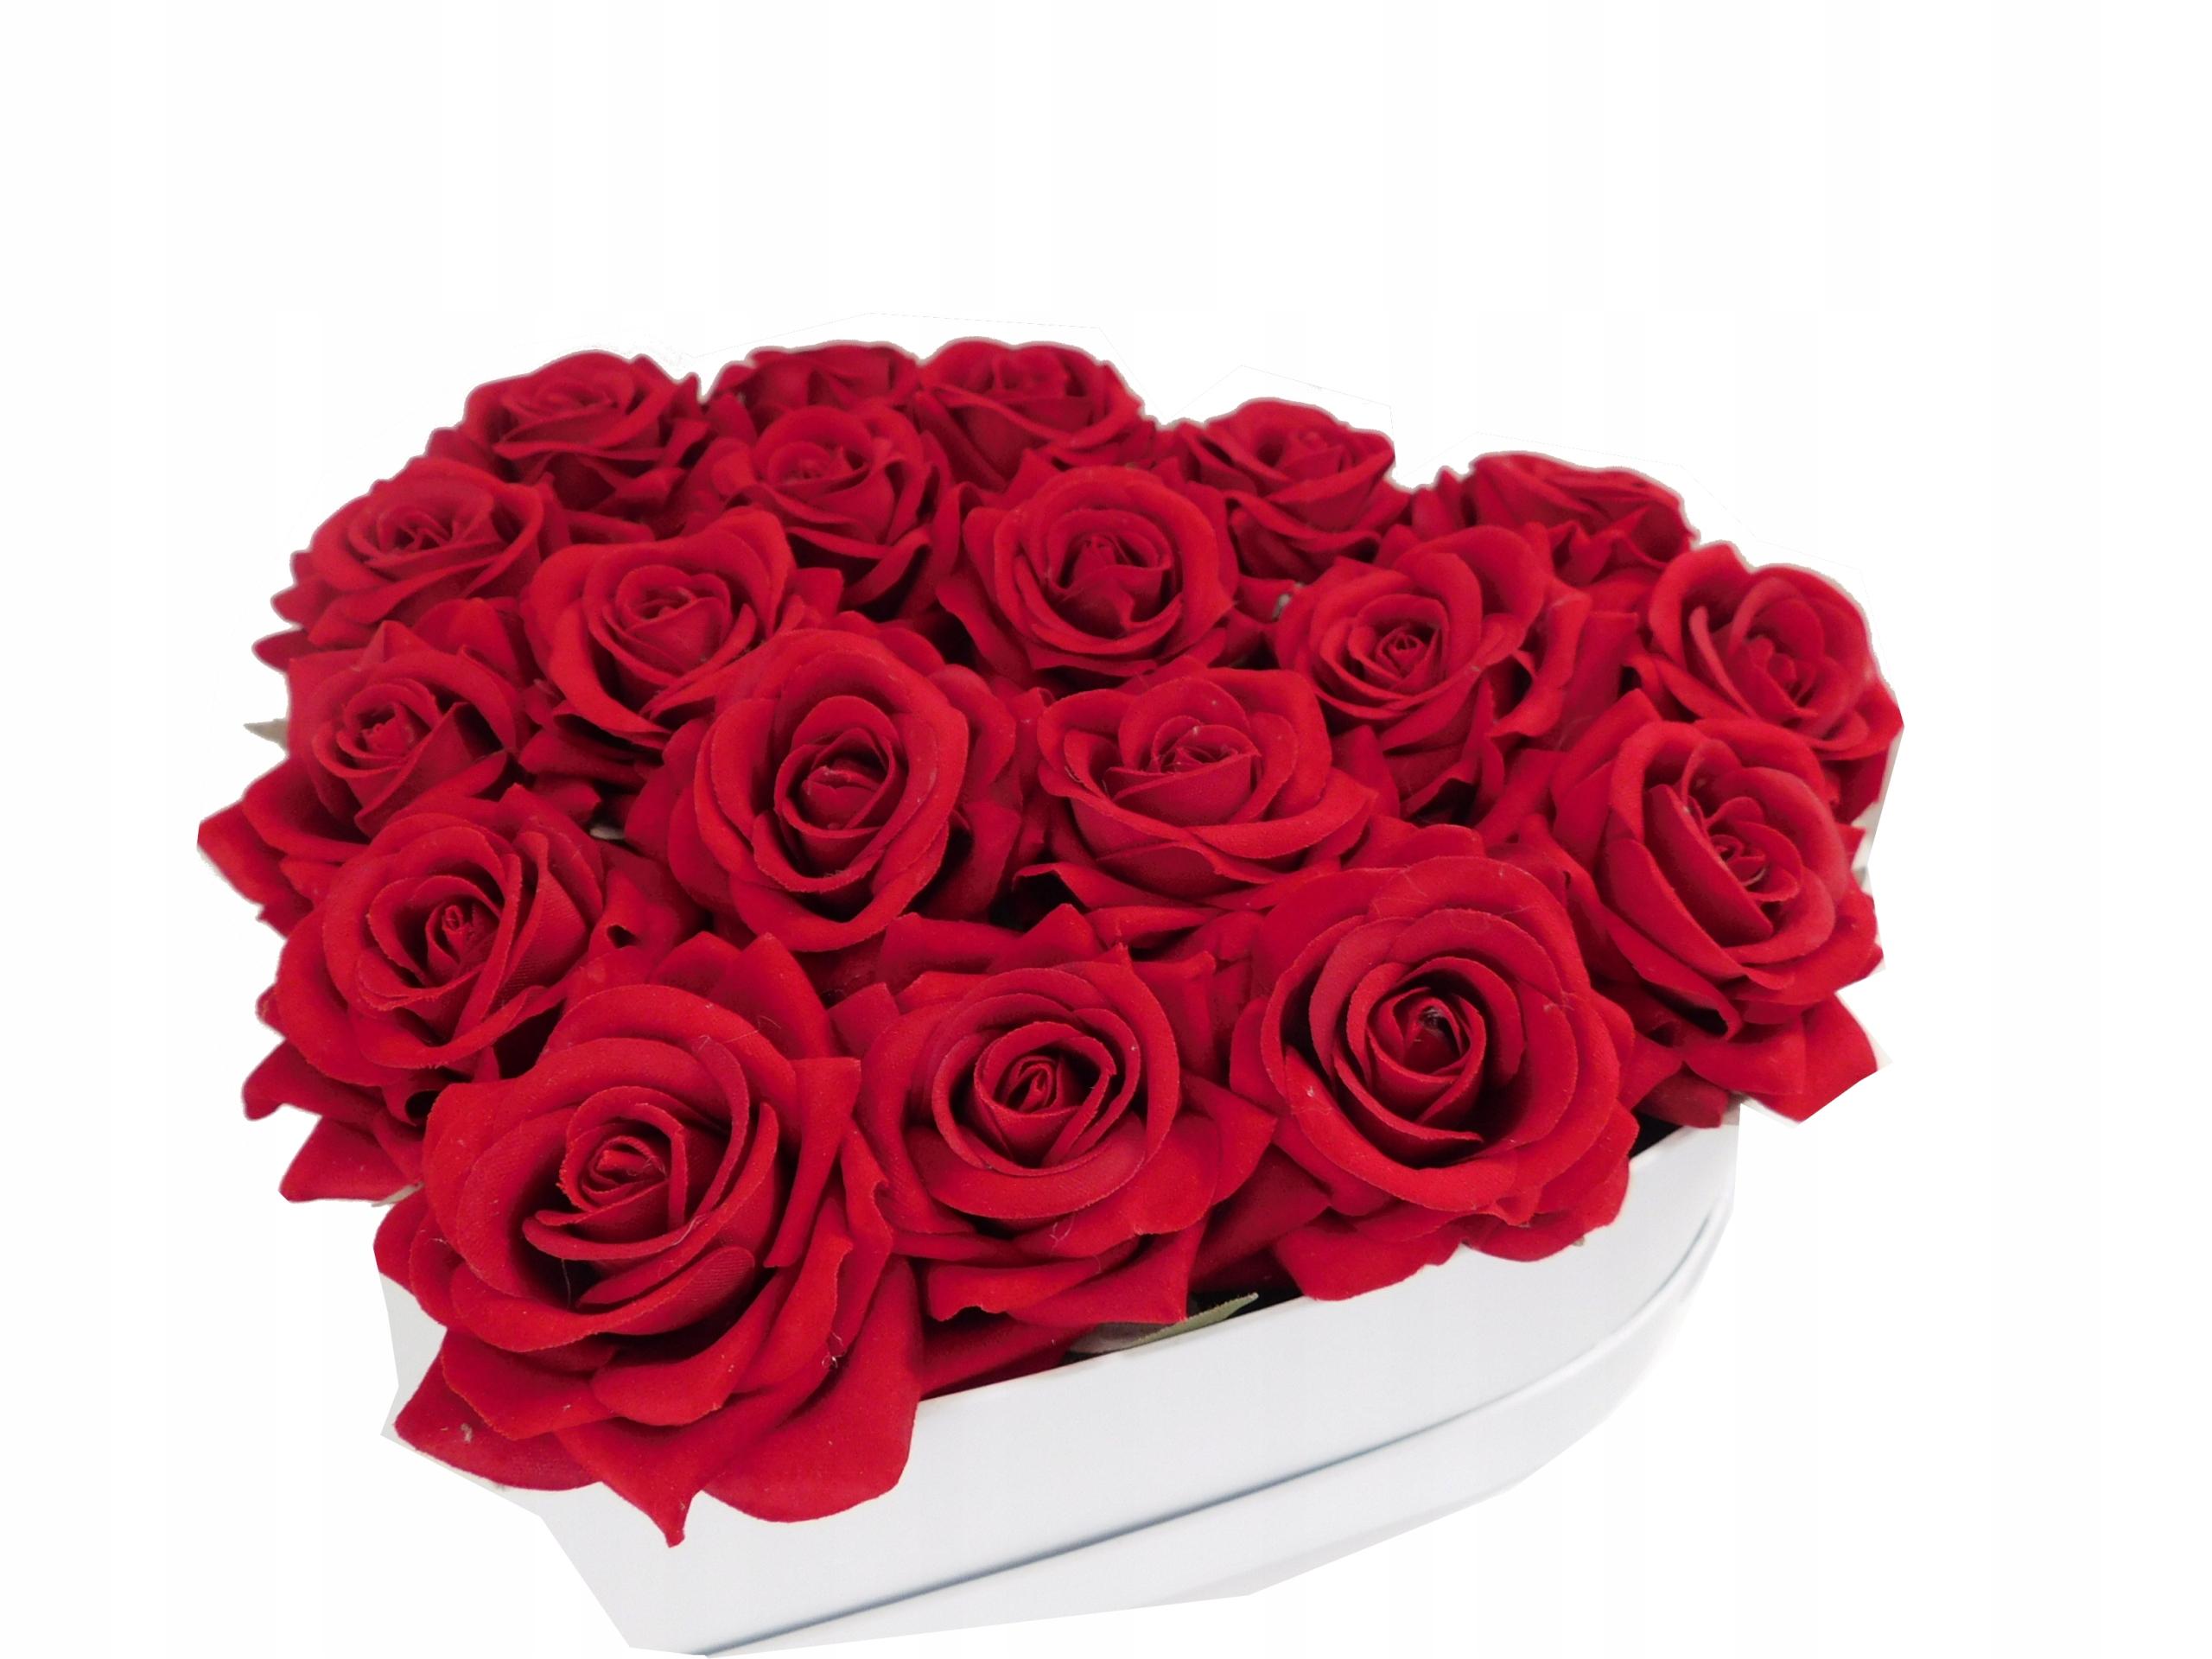 Подарочная Эксклюзивная Коробка Цветов Сердца